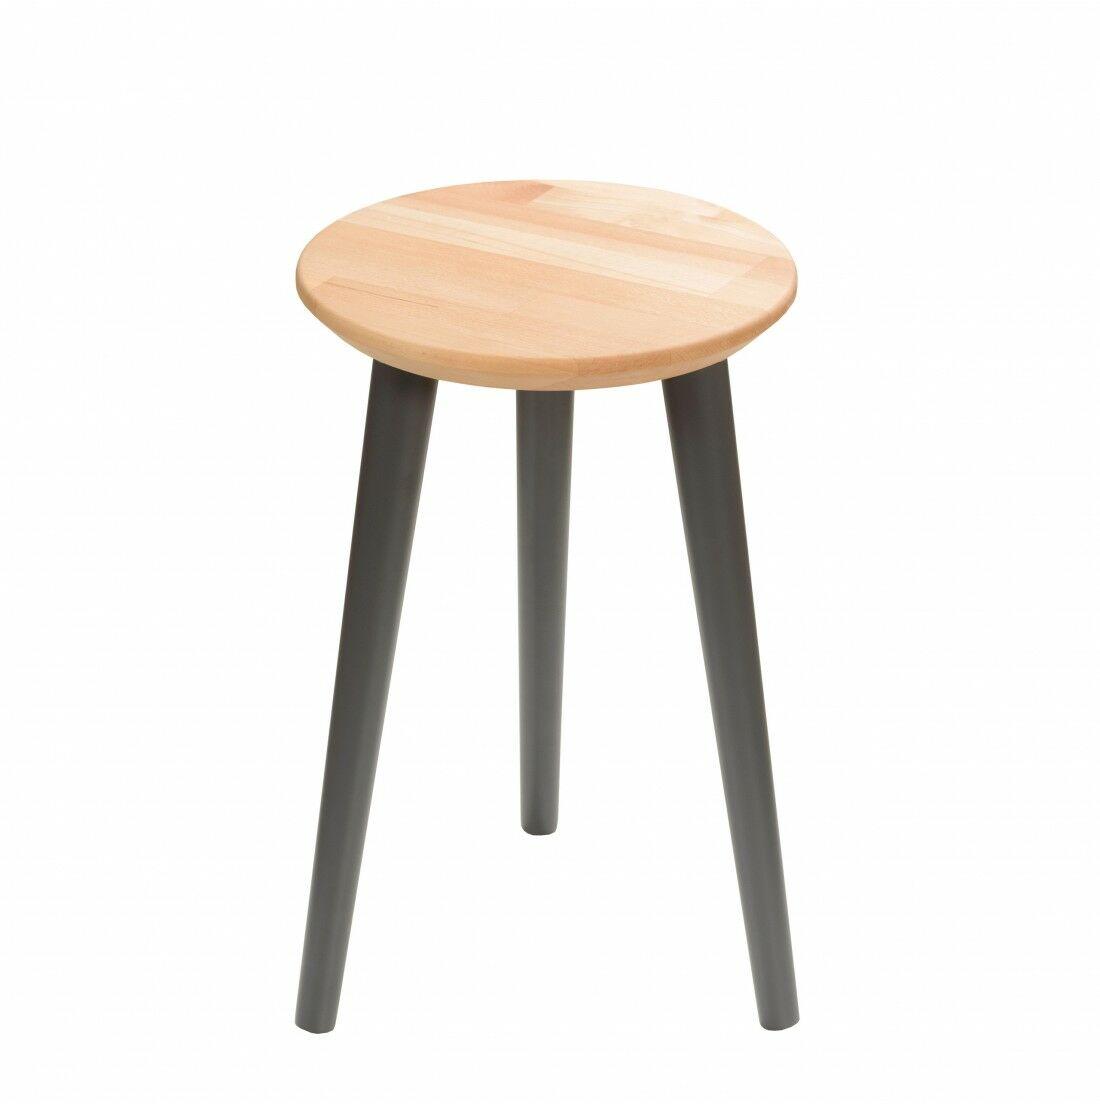 Taboret drewniany okrągły z litego buka Olejowany buk - Natural, Wykończenie nogi - Grafit, Wysokość - 470, Wymiar siedziska (Średnica) - 300